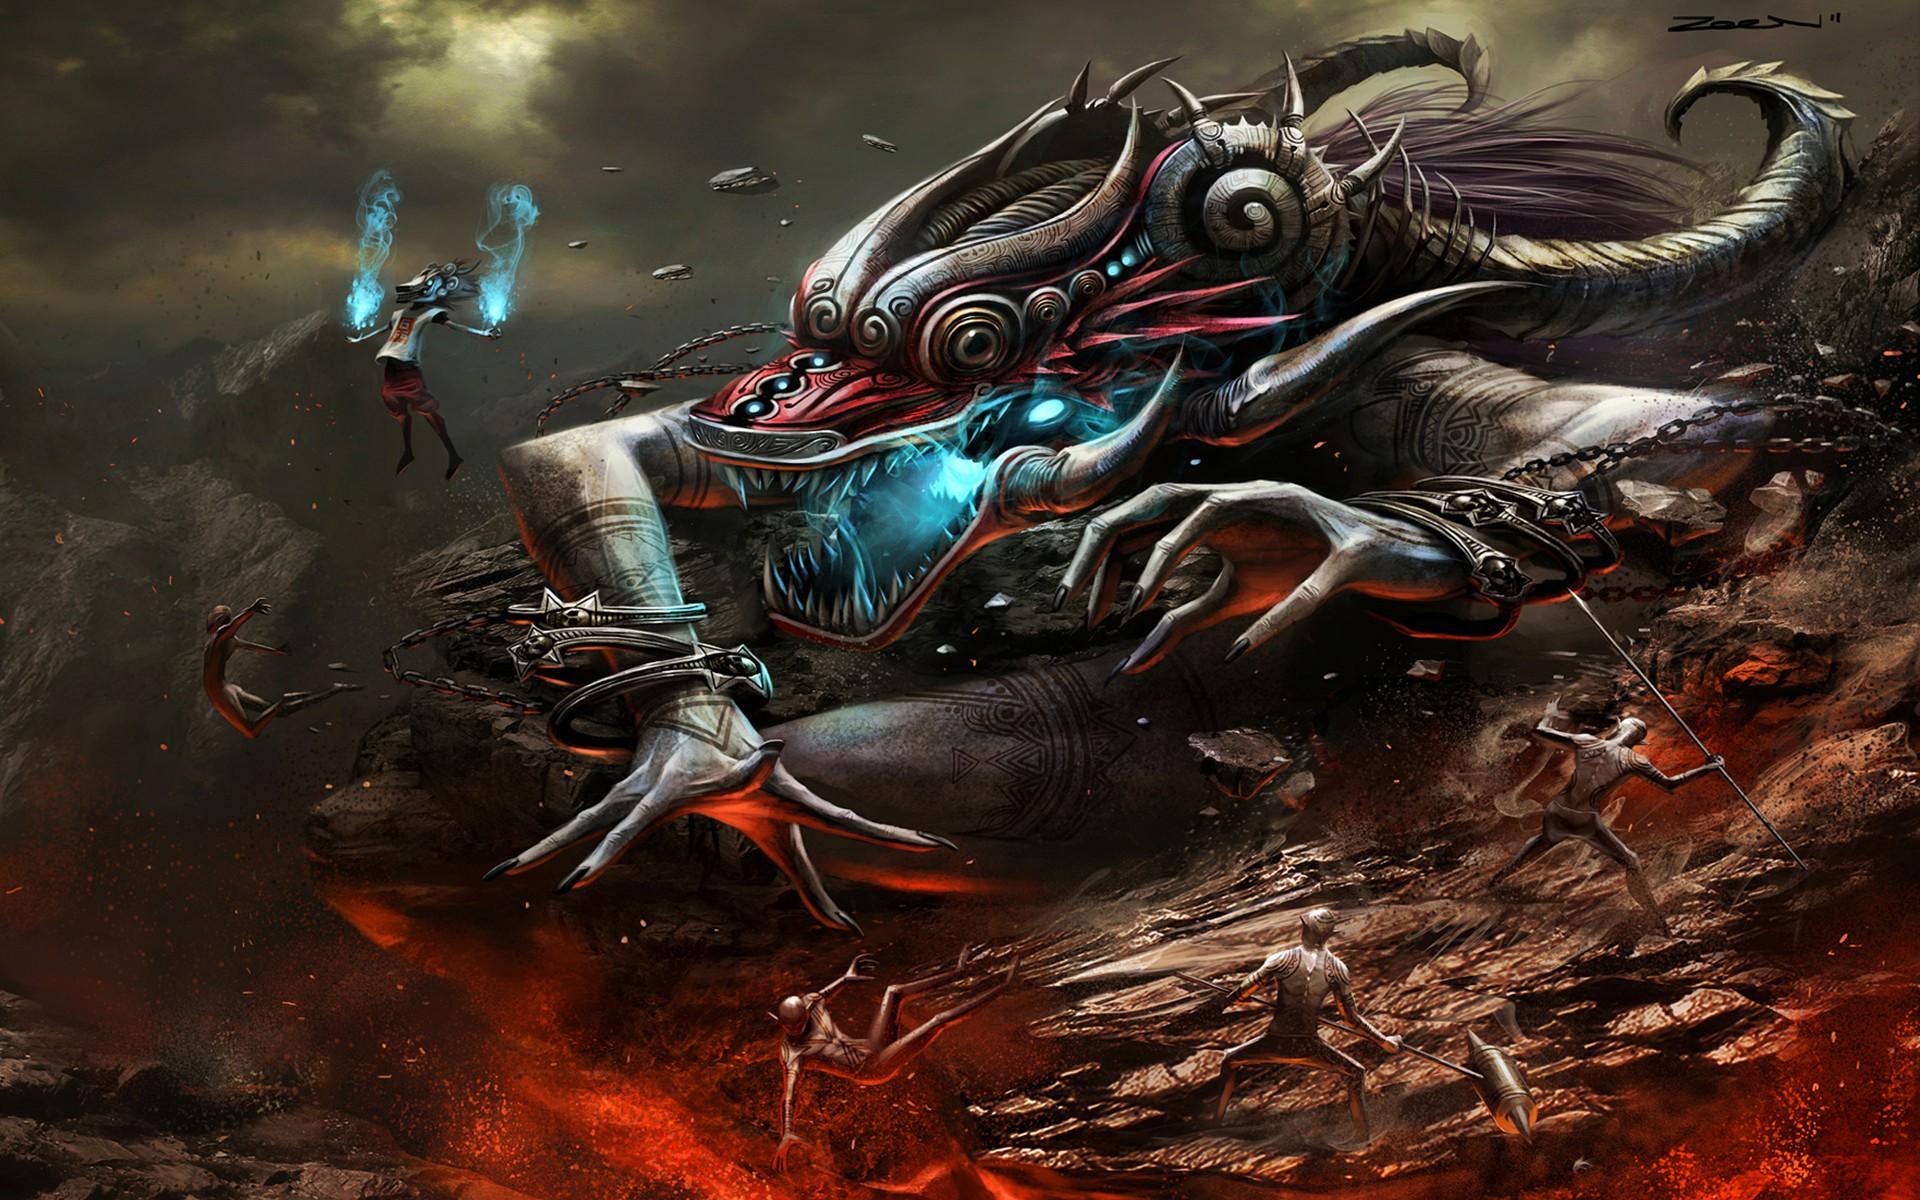 Wallpaper 1920x1200 Px Art Battles Cg Com Creature Demons